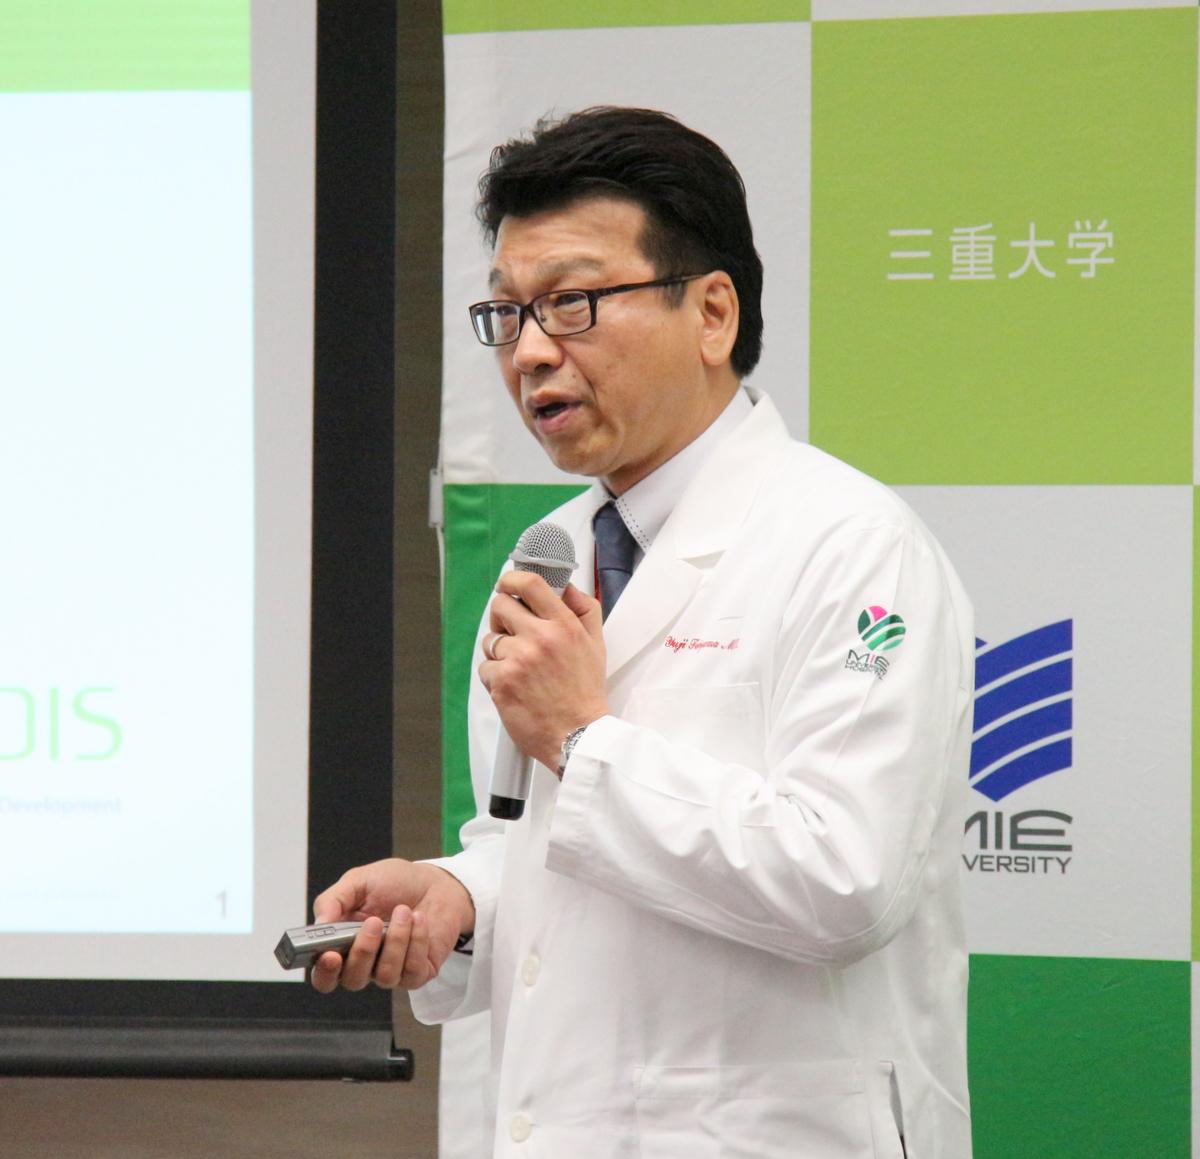 20200114_研究者情報_記者会見「潰瘍性大腸炎癌化リスク診断法の開発」(望遠) (9)